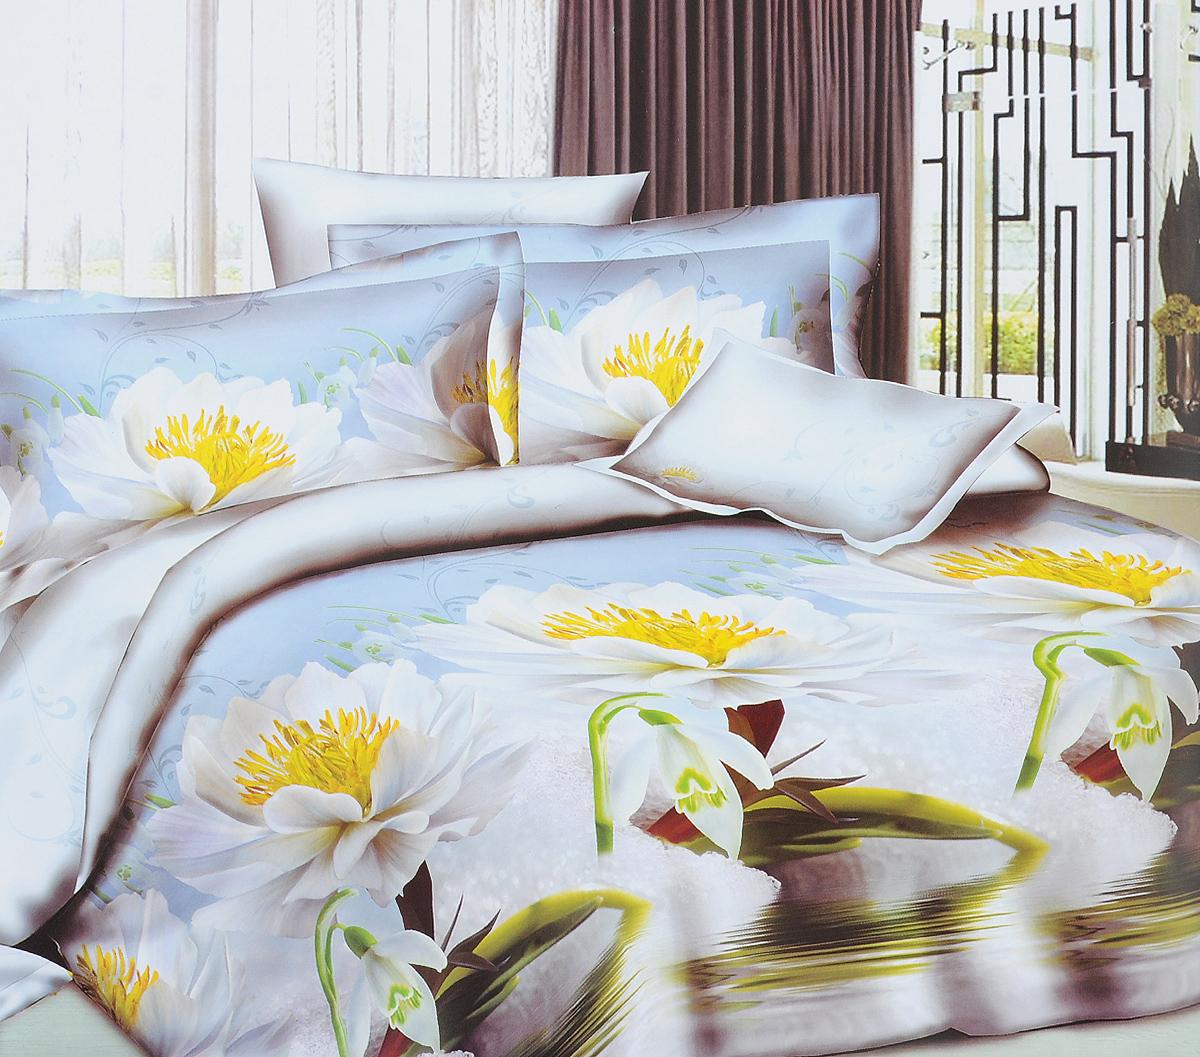 Комплект белья ЭГО Лето, 2-спальный, наволочки 70x70Э-2033-02Комплект постельного белья ЭГО Лето выполнен из полисатина (50% хлопка, 50% полиэстера). Комплект состоит из пододеяльника, простыни и двух наволочек. Постельное белье, оформленное цветочным принтом, имеет изысканный внешний вид и яркую цветовую гамму. Наволочки застегиваются на клапаны. Гладкая структура делает ткань приятной на ощупь, мягкой и нежной, при этом она прочная и хорошо сохраняет форму. Ткань легко гладится, не линяет и не садится. Благодаря такому комплекту постельного белья вы сможете создать атмосферу роскоши и романтики в вашей спальне.